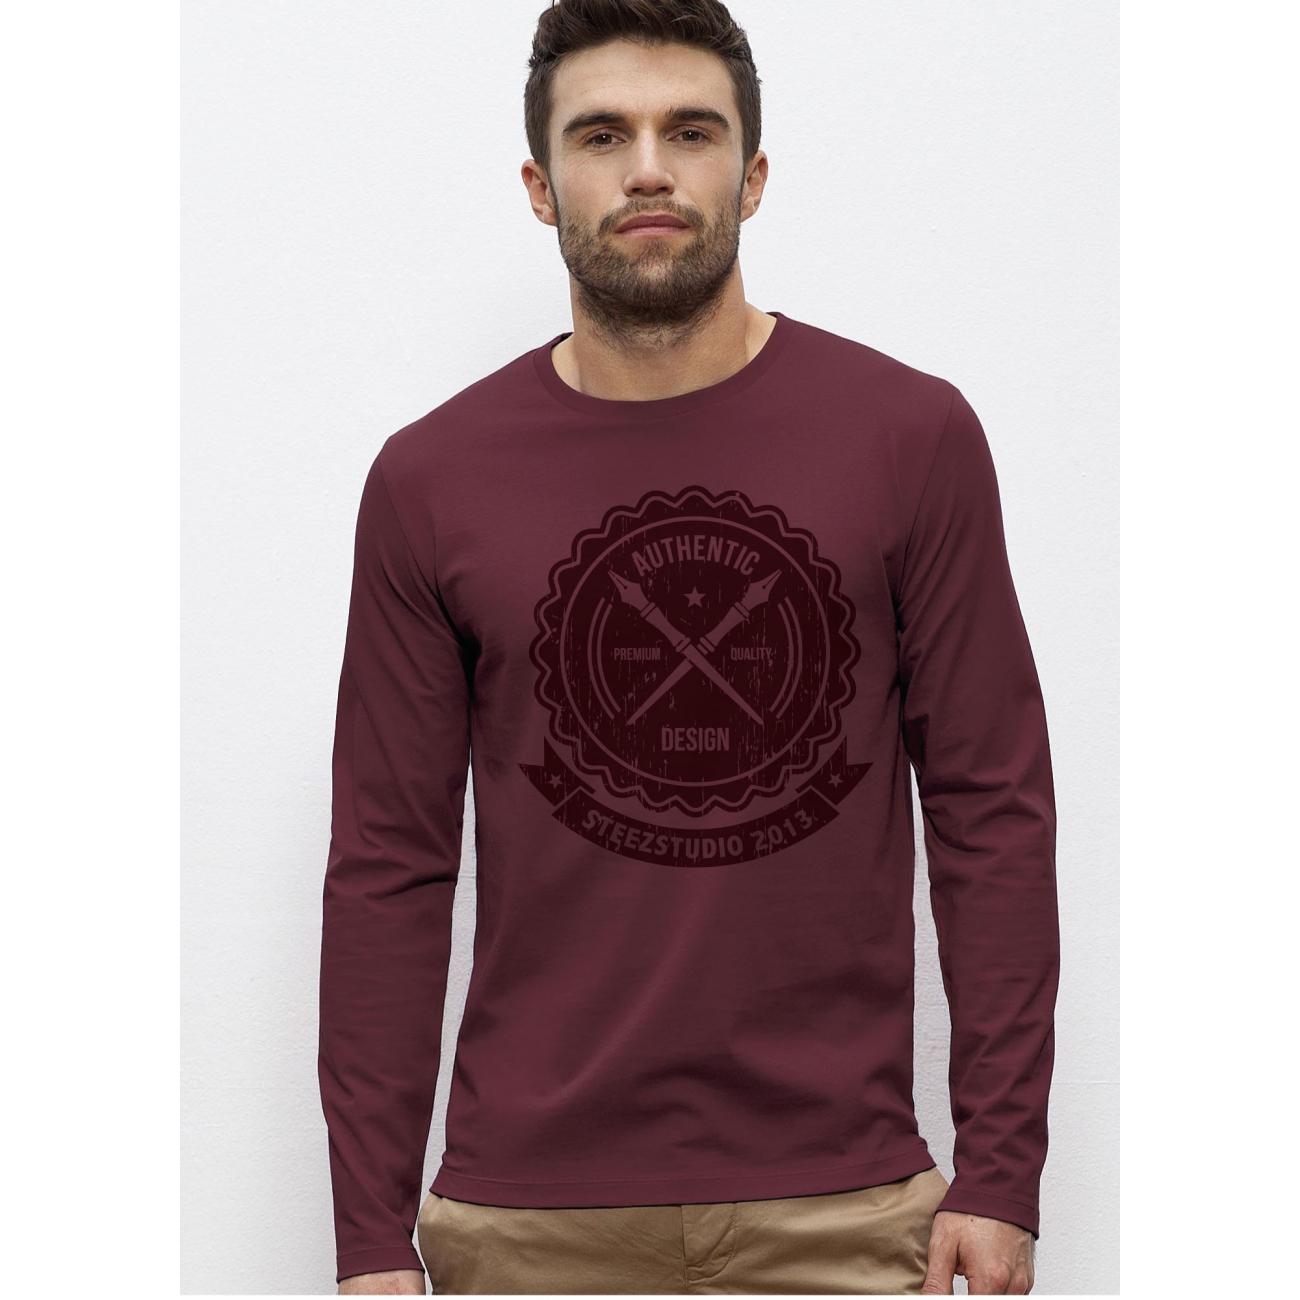 https://tee-shirt-bio.com/2754-thickbox_default/manches-longues-tee-shirt-homme-100-coton-bio-doux-equitable-bordeaux-imprime-numerique-bordeaux-fonce-.jpg